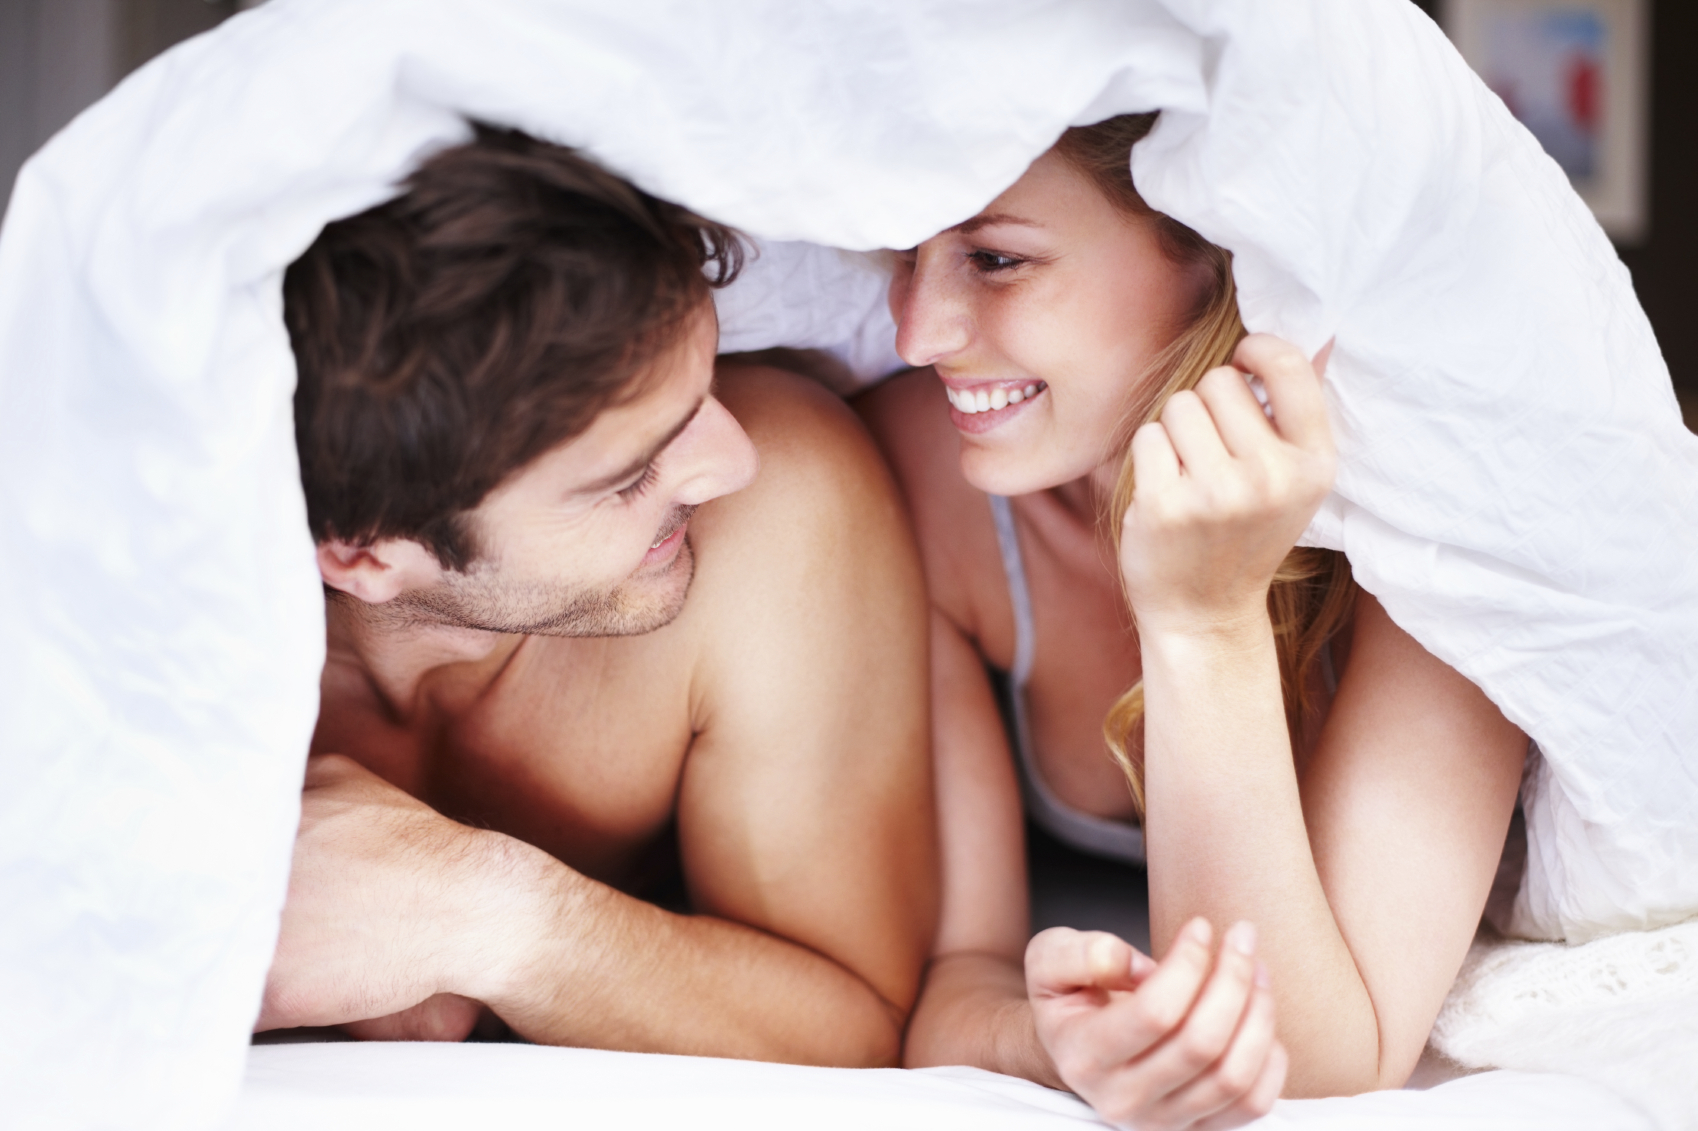 Sexo por la mañana: ¿cuáles son sus beneficios?